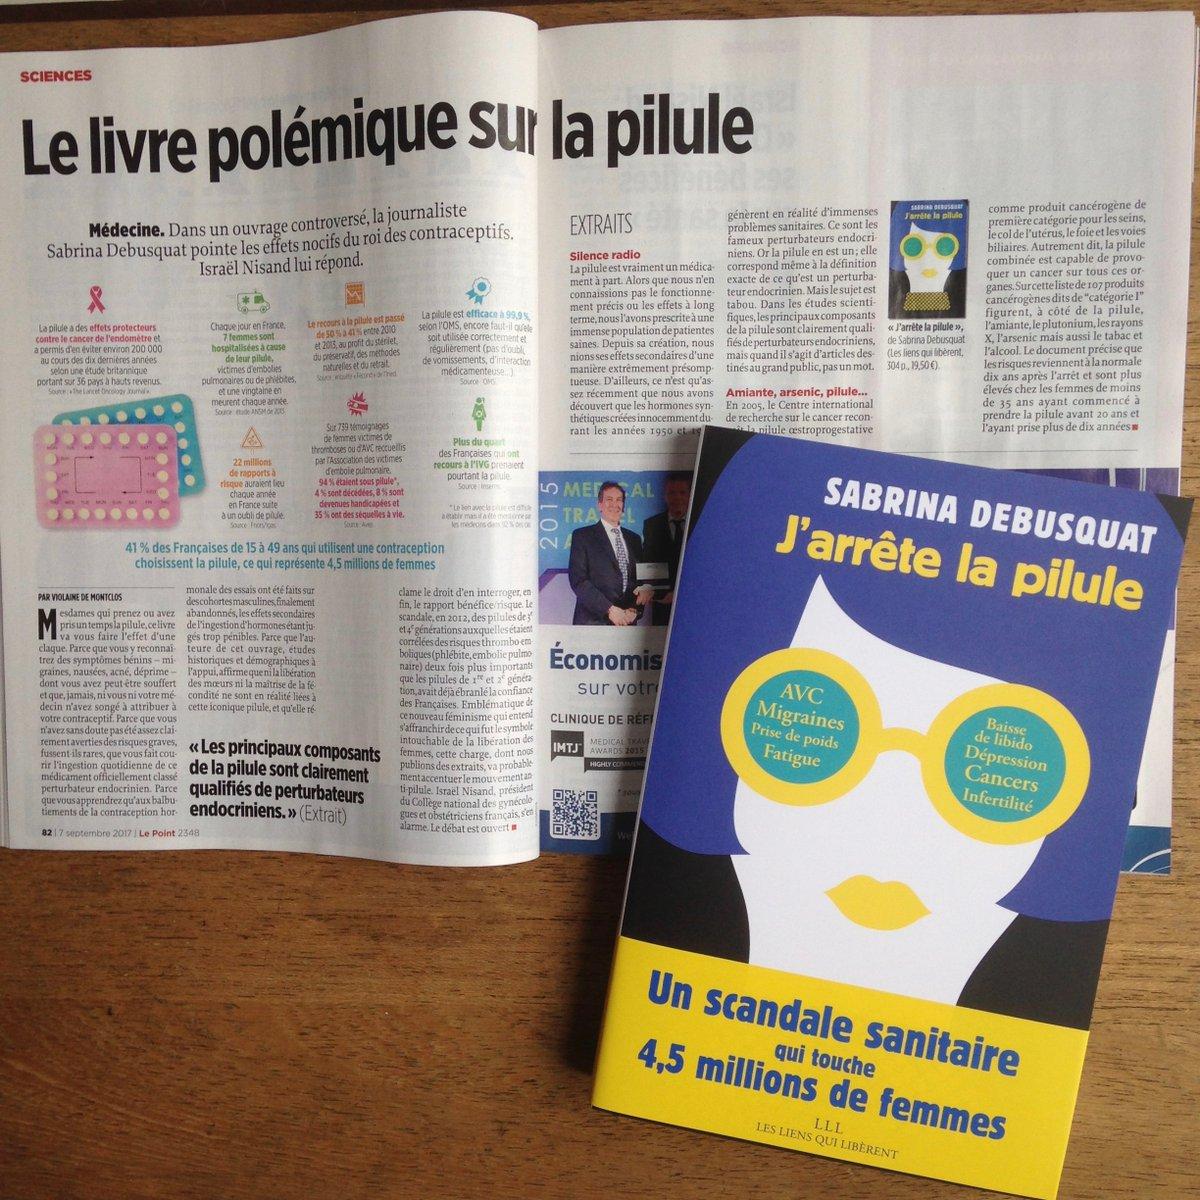 Pilule : Rencontre dédicace FNAC Bercy  |  Paris, 21 septembre